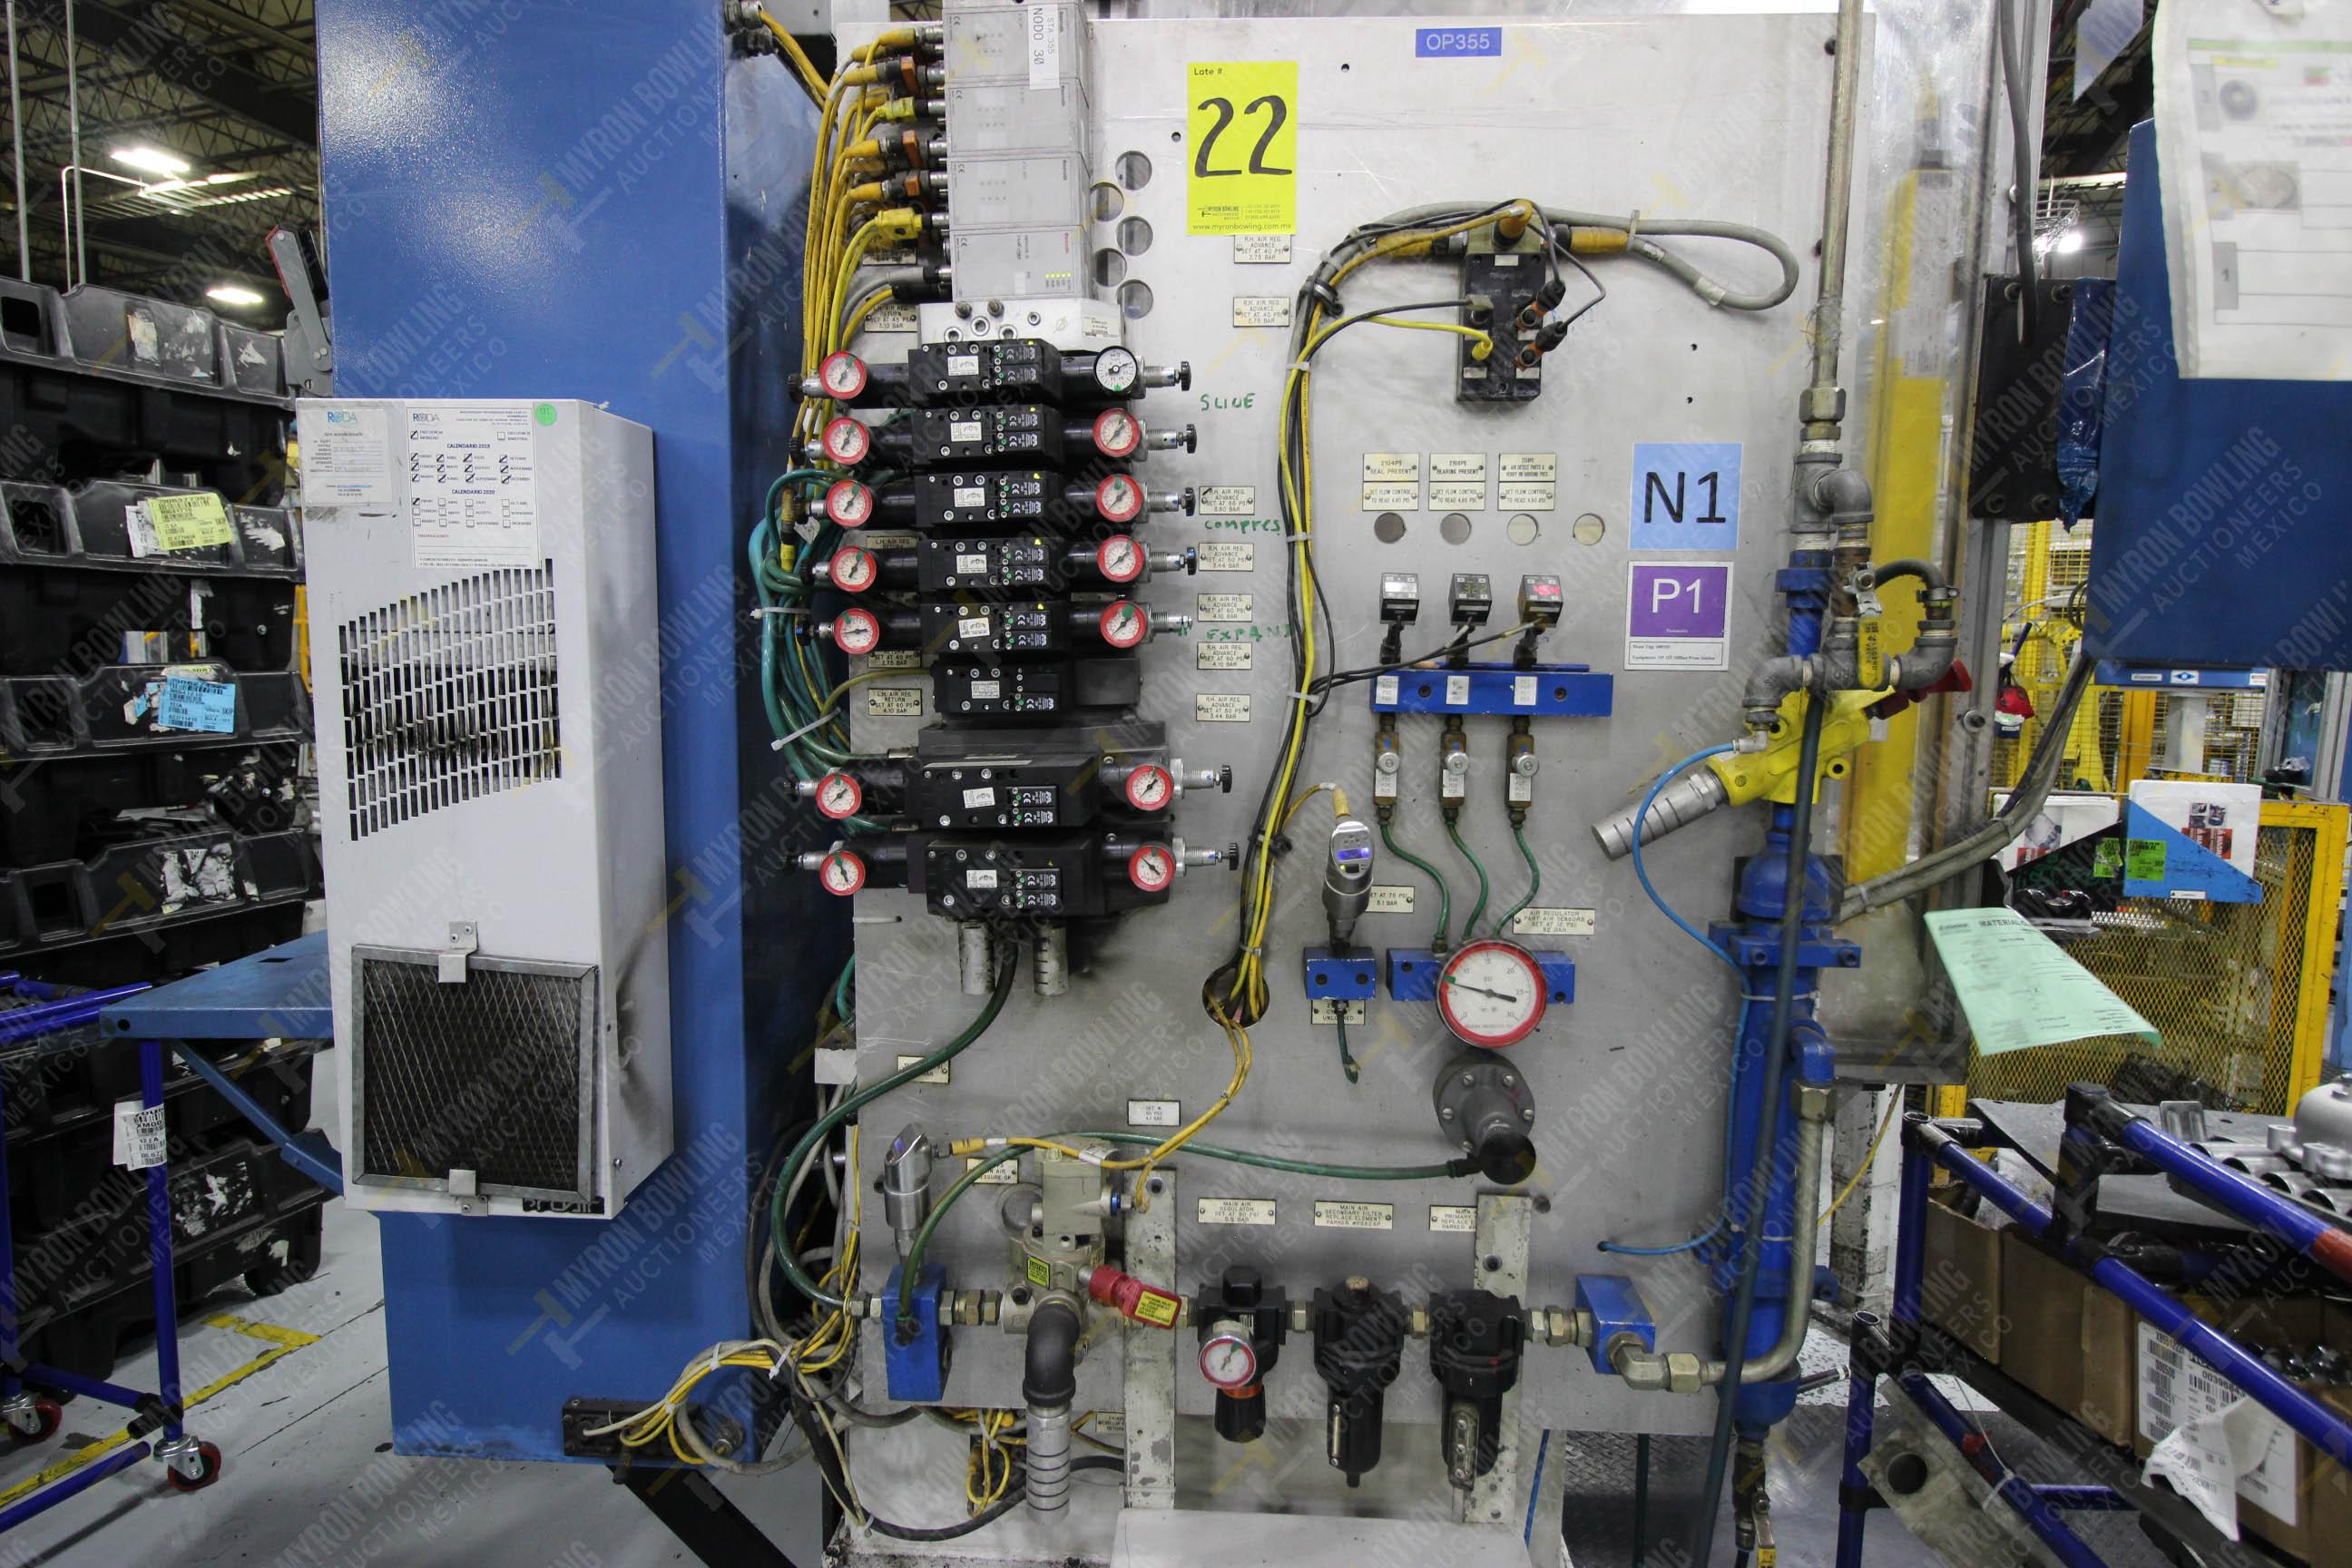 Estación semiautomática para operación 355A, contiene: Prensa en estructura de placa de acero - Image 18 of 36